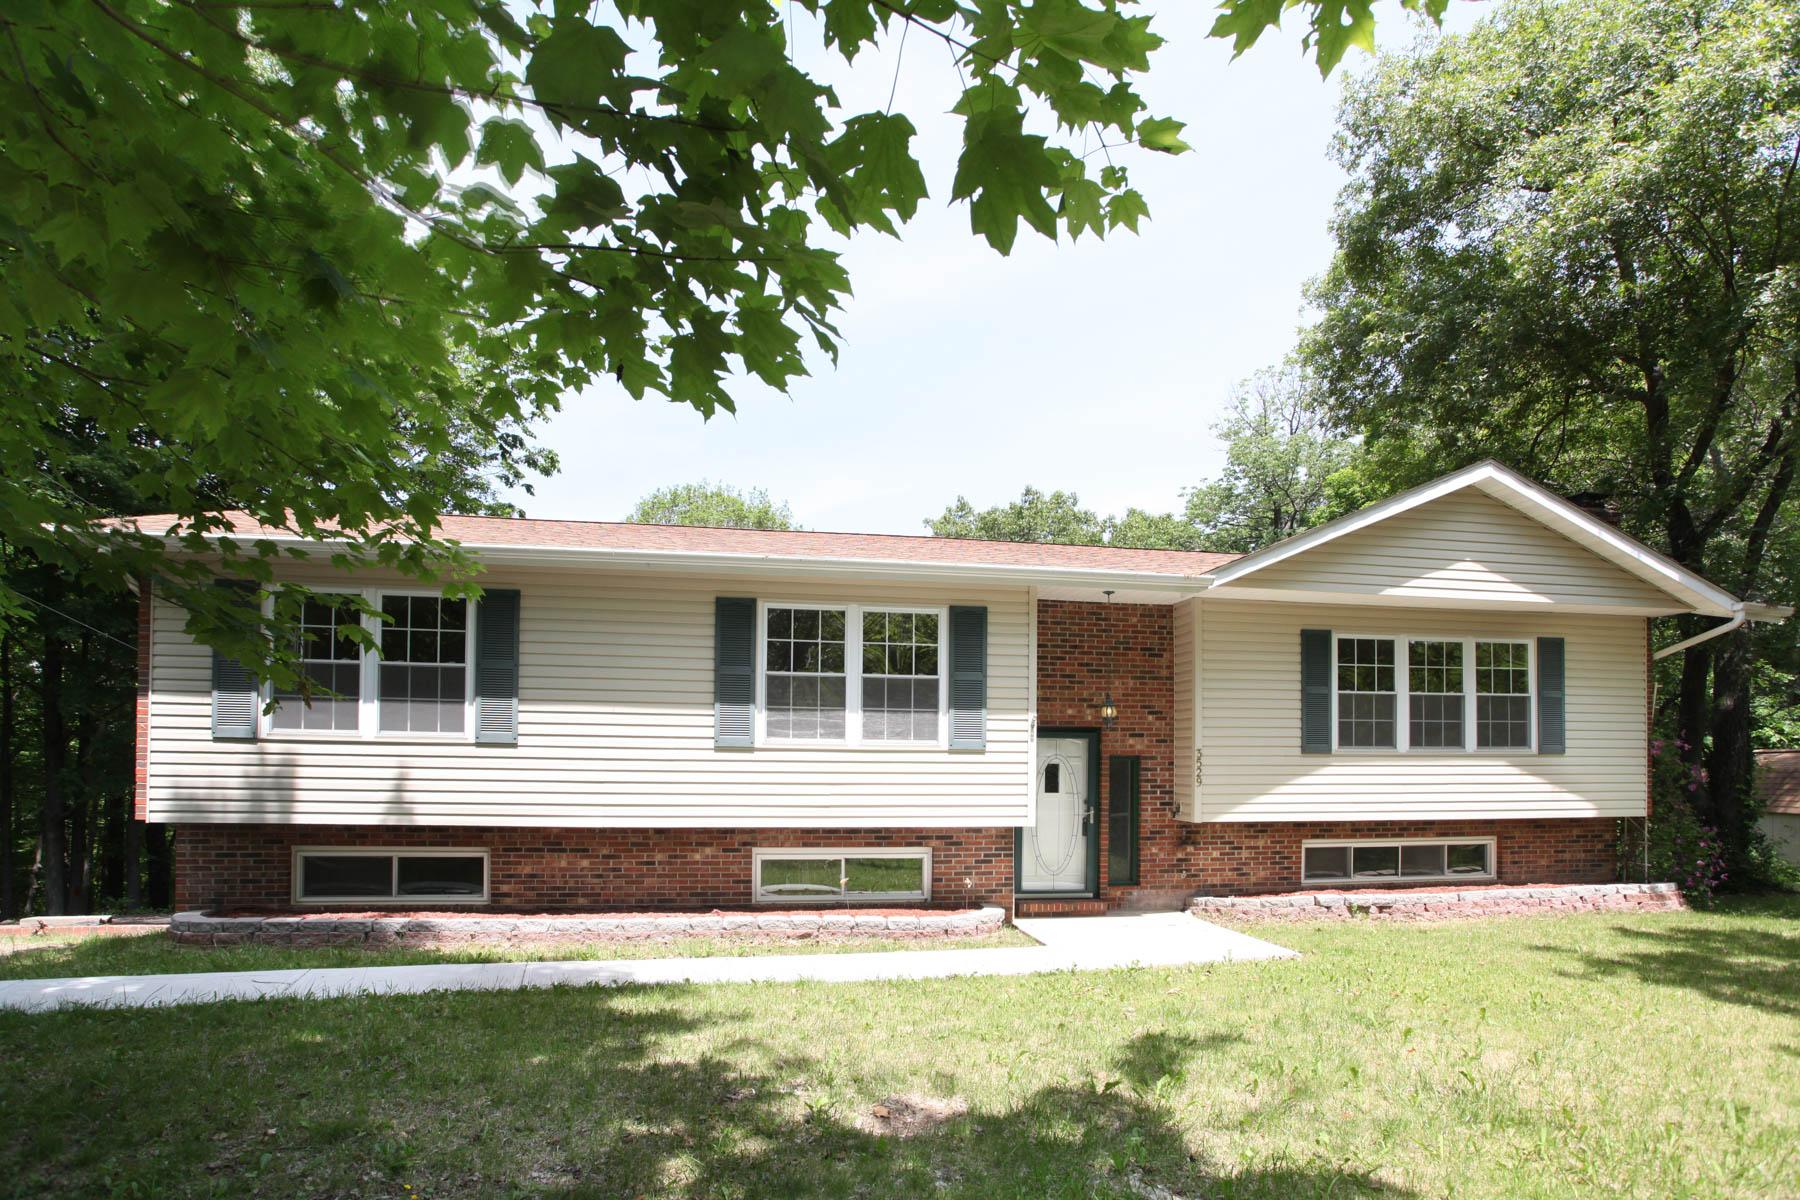 Maison unifamiliale pour l Vente à Upper Moss Hollow 3529 Upper Moss Hollow Barnhart, Missouri, 63012 États-Unis